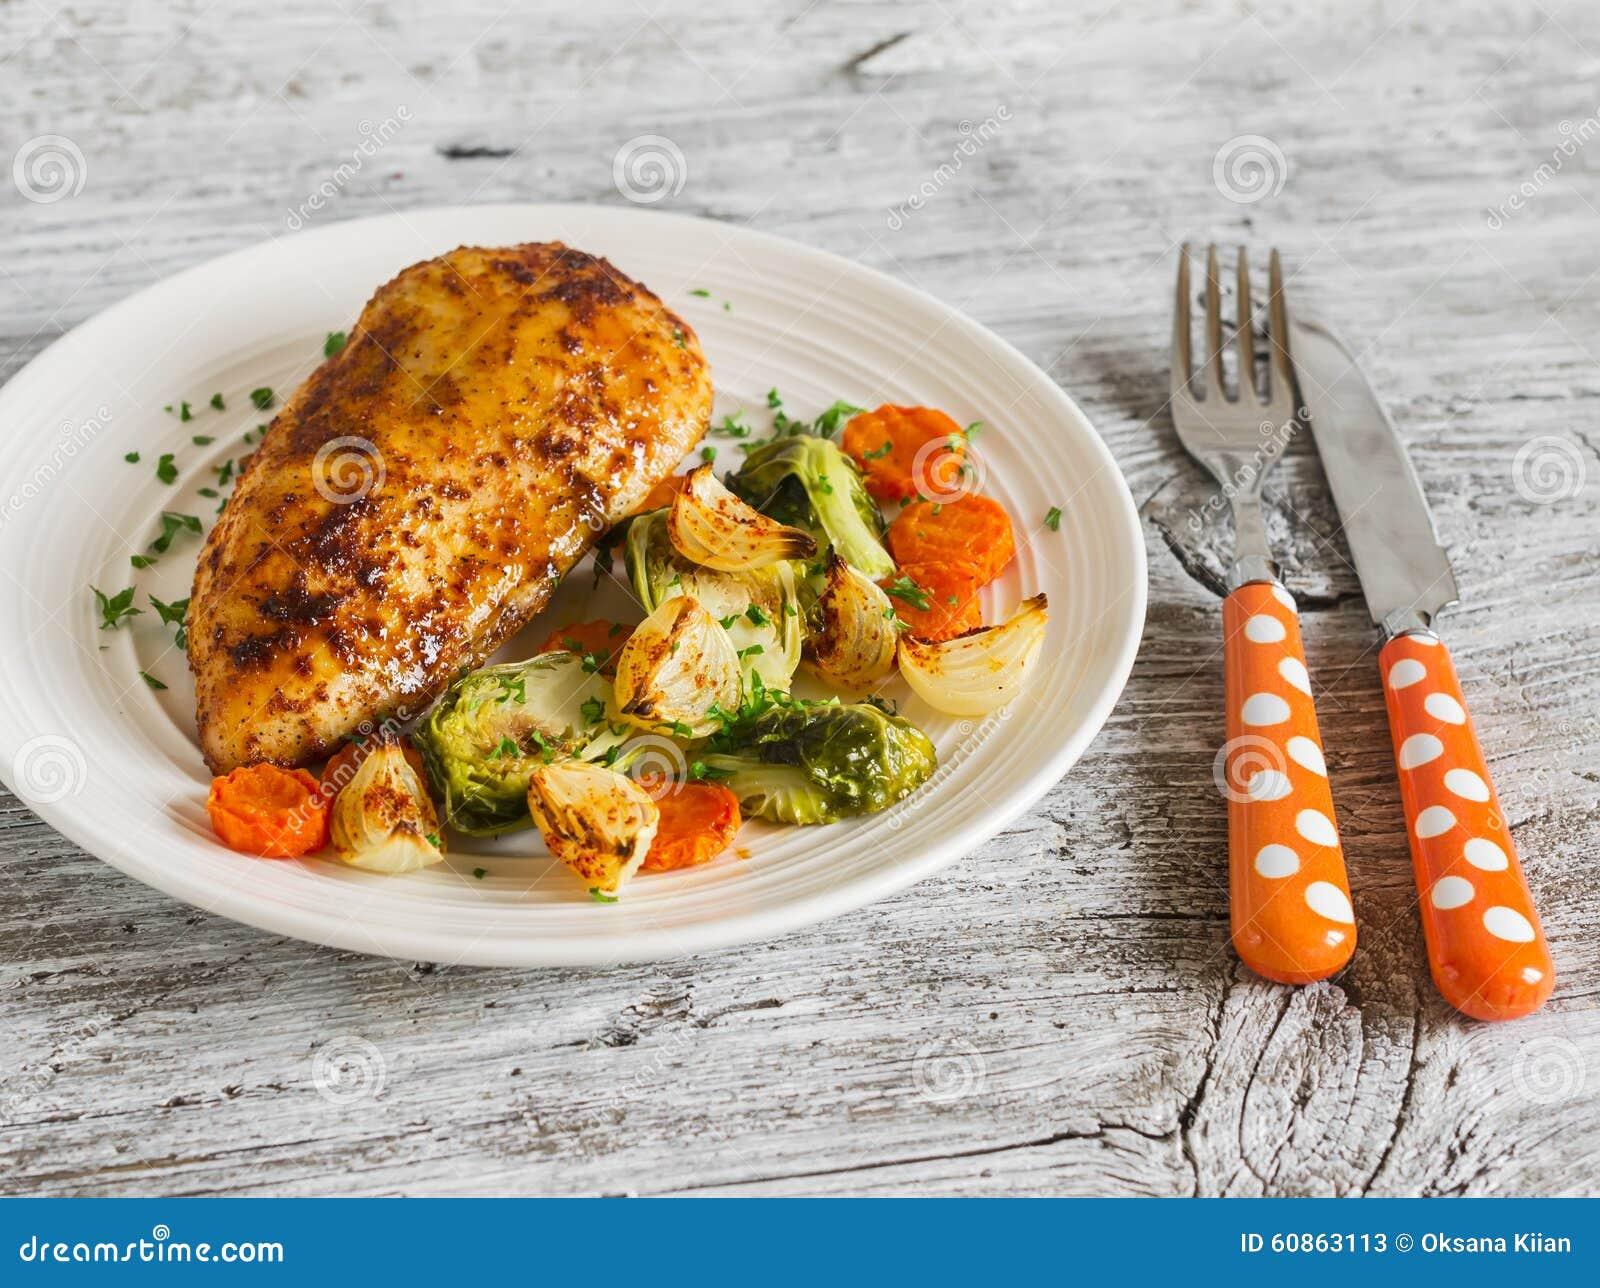 Blanc de poulet cuit au four avec des choux, des oignons et des carottes de bruxelles d un plat blanc sur la surface en bois